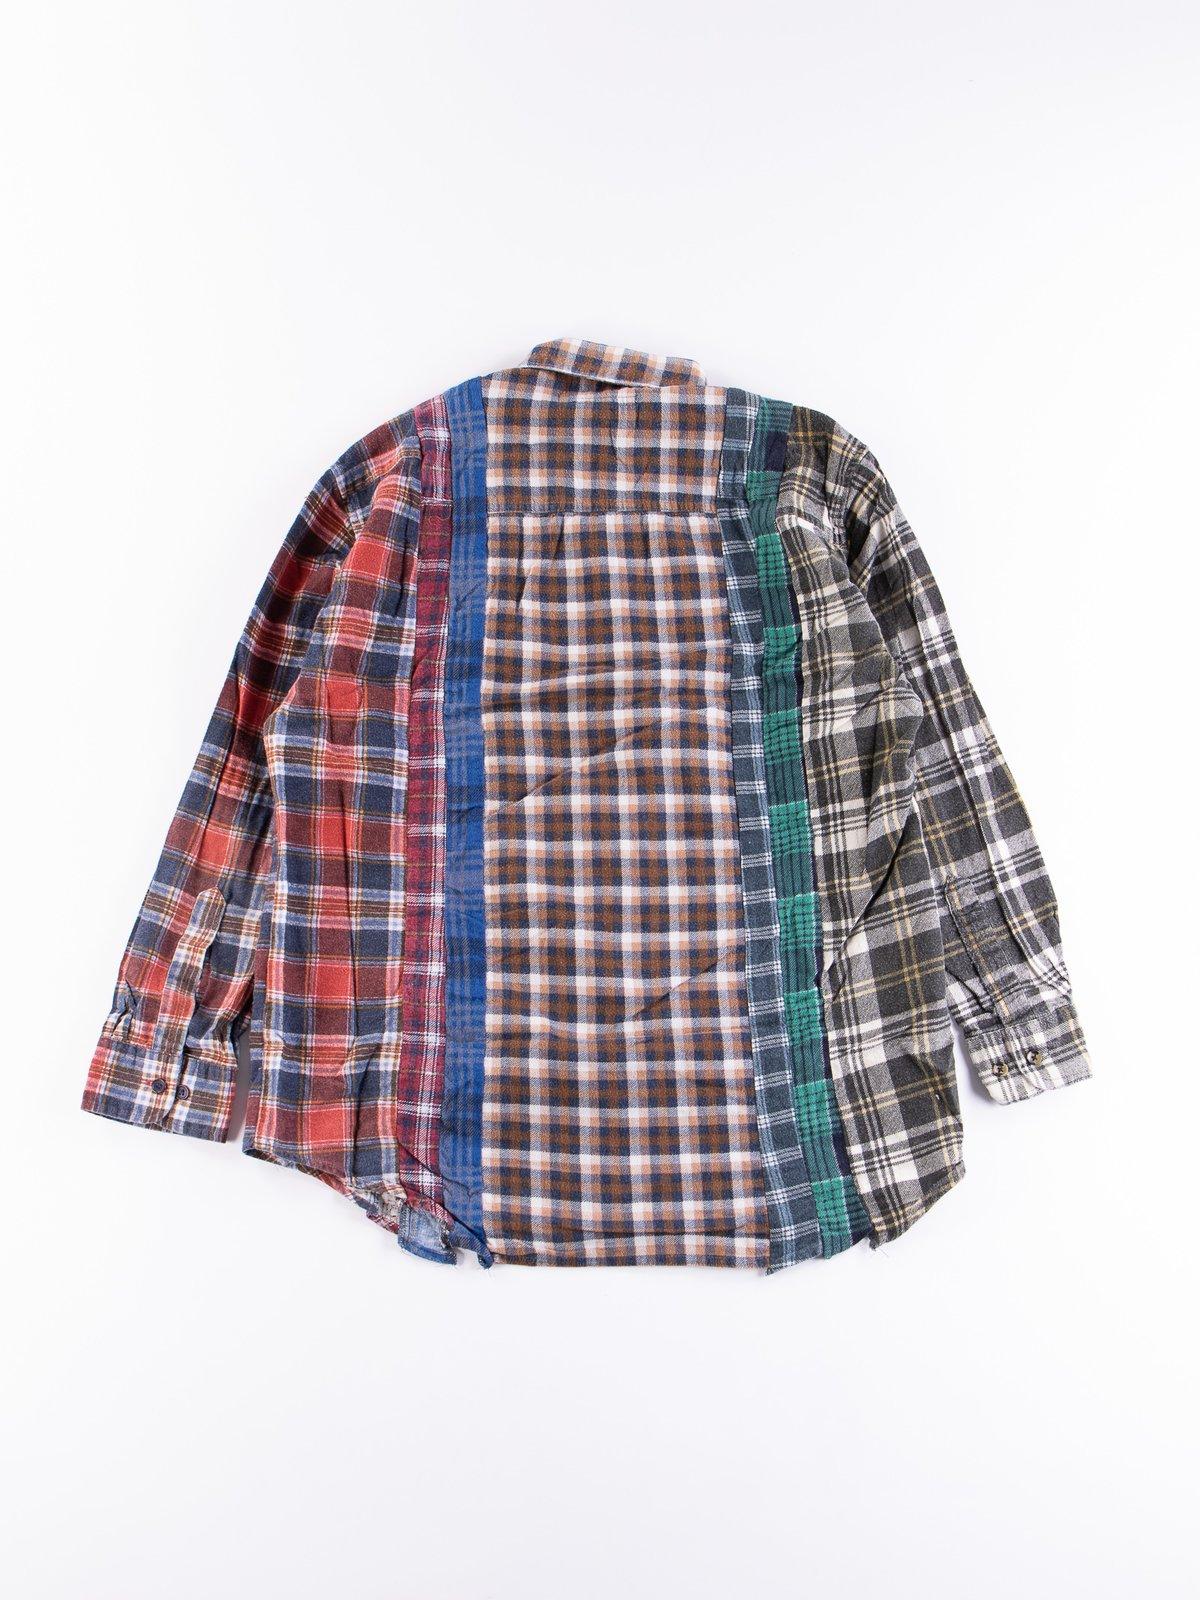 Assorted 7 Cuts Rebuild Shirt - Image 6